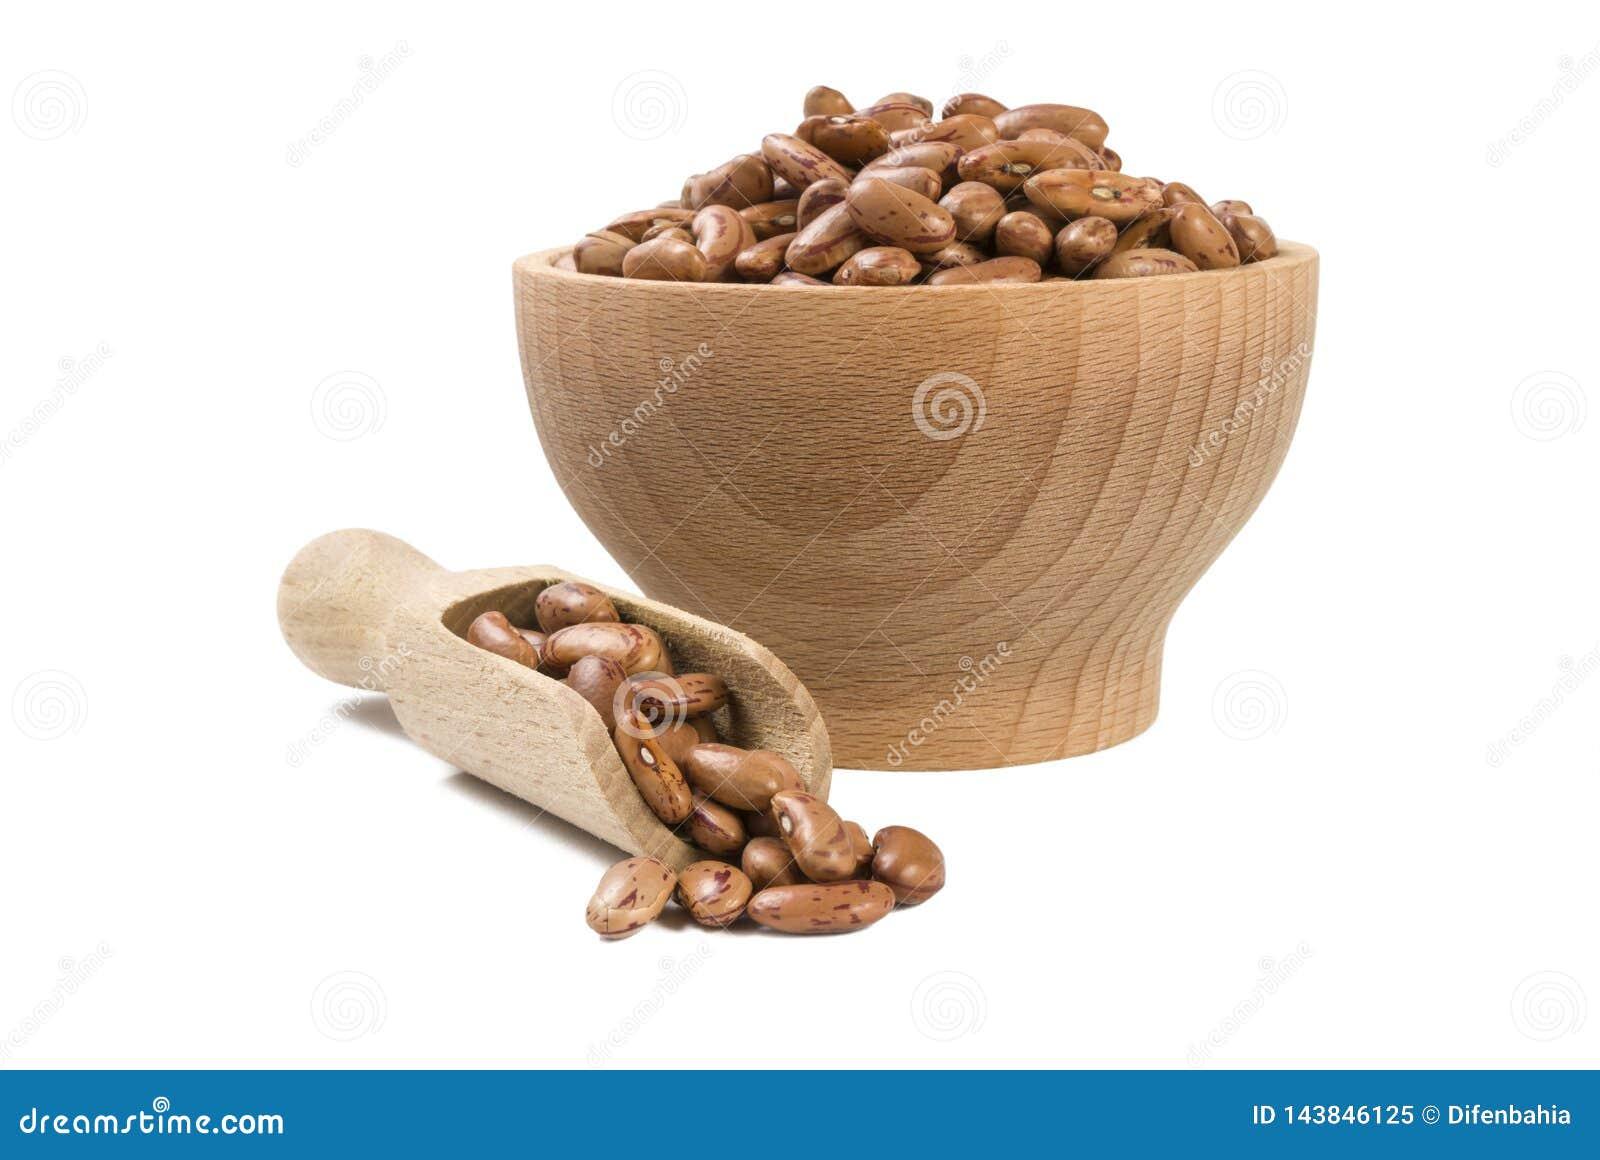 Pinto φασόλι στο ξύλινο κύπελλο και σέσουλα που απομονώνεται στο άσπρο υπόβαθρο διατροφή βιο Φυσικό συστατικό τροφίμων